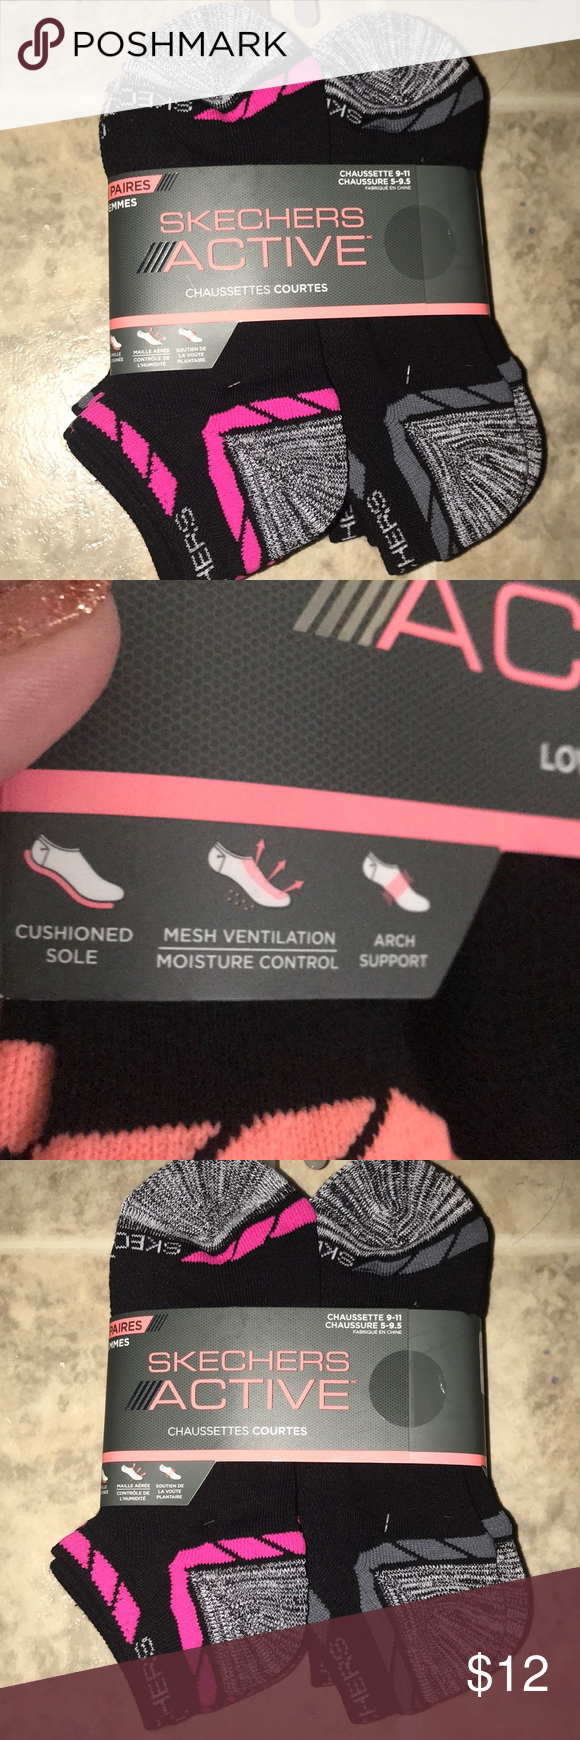 sketcher socks